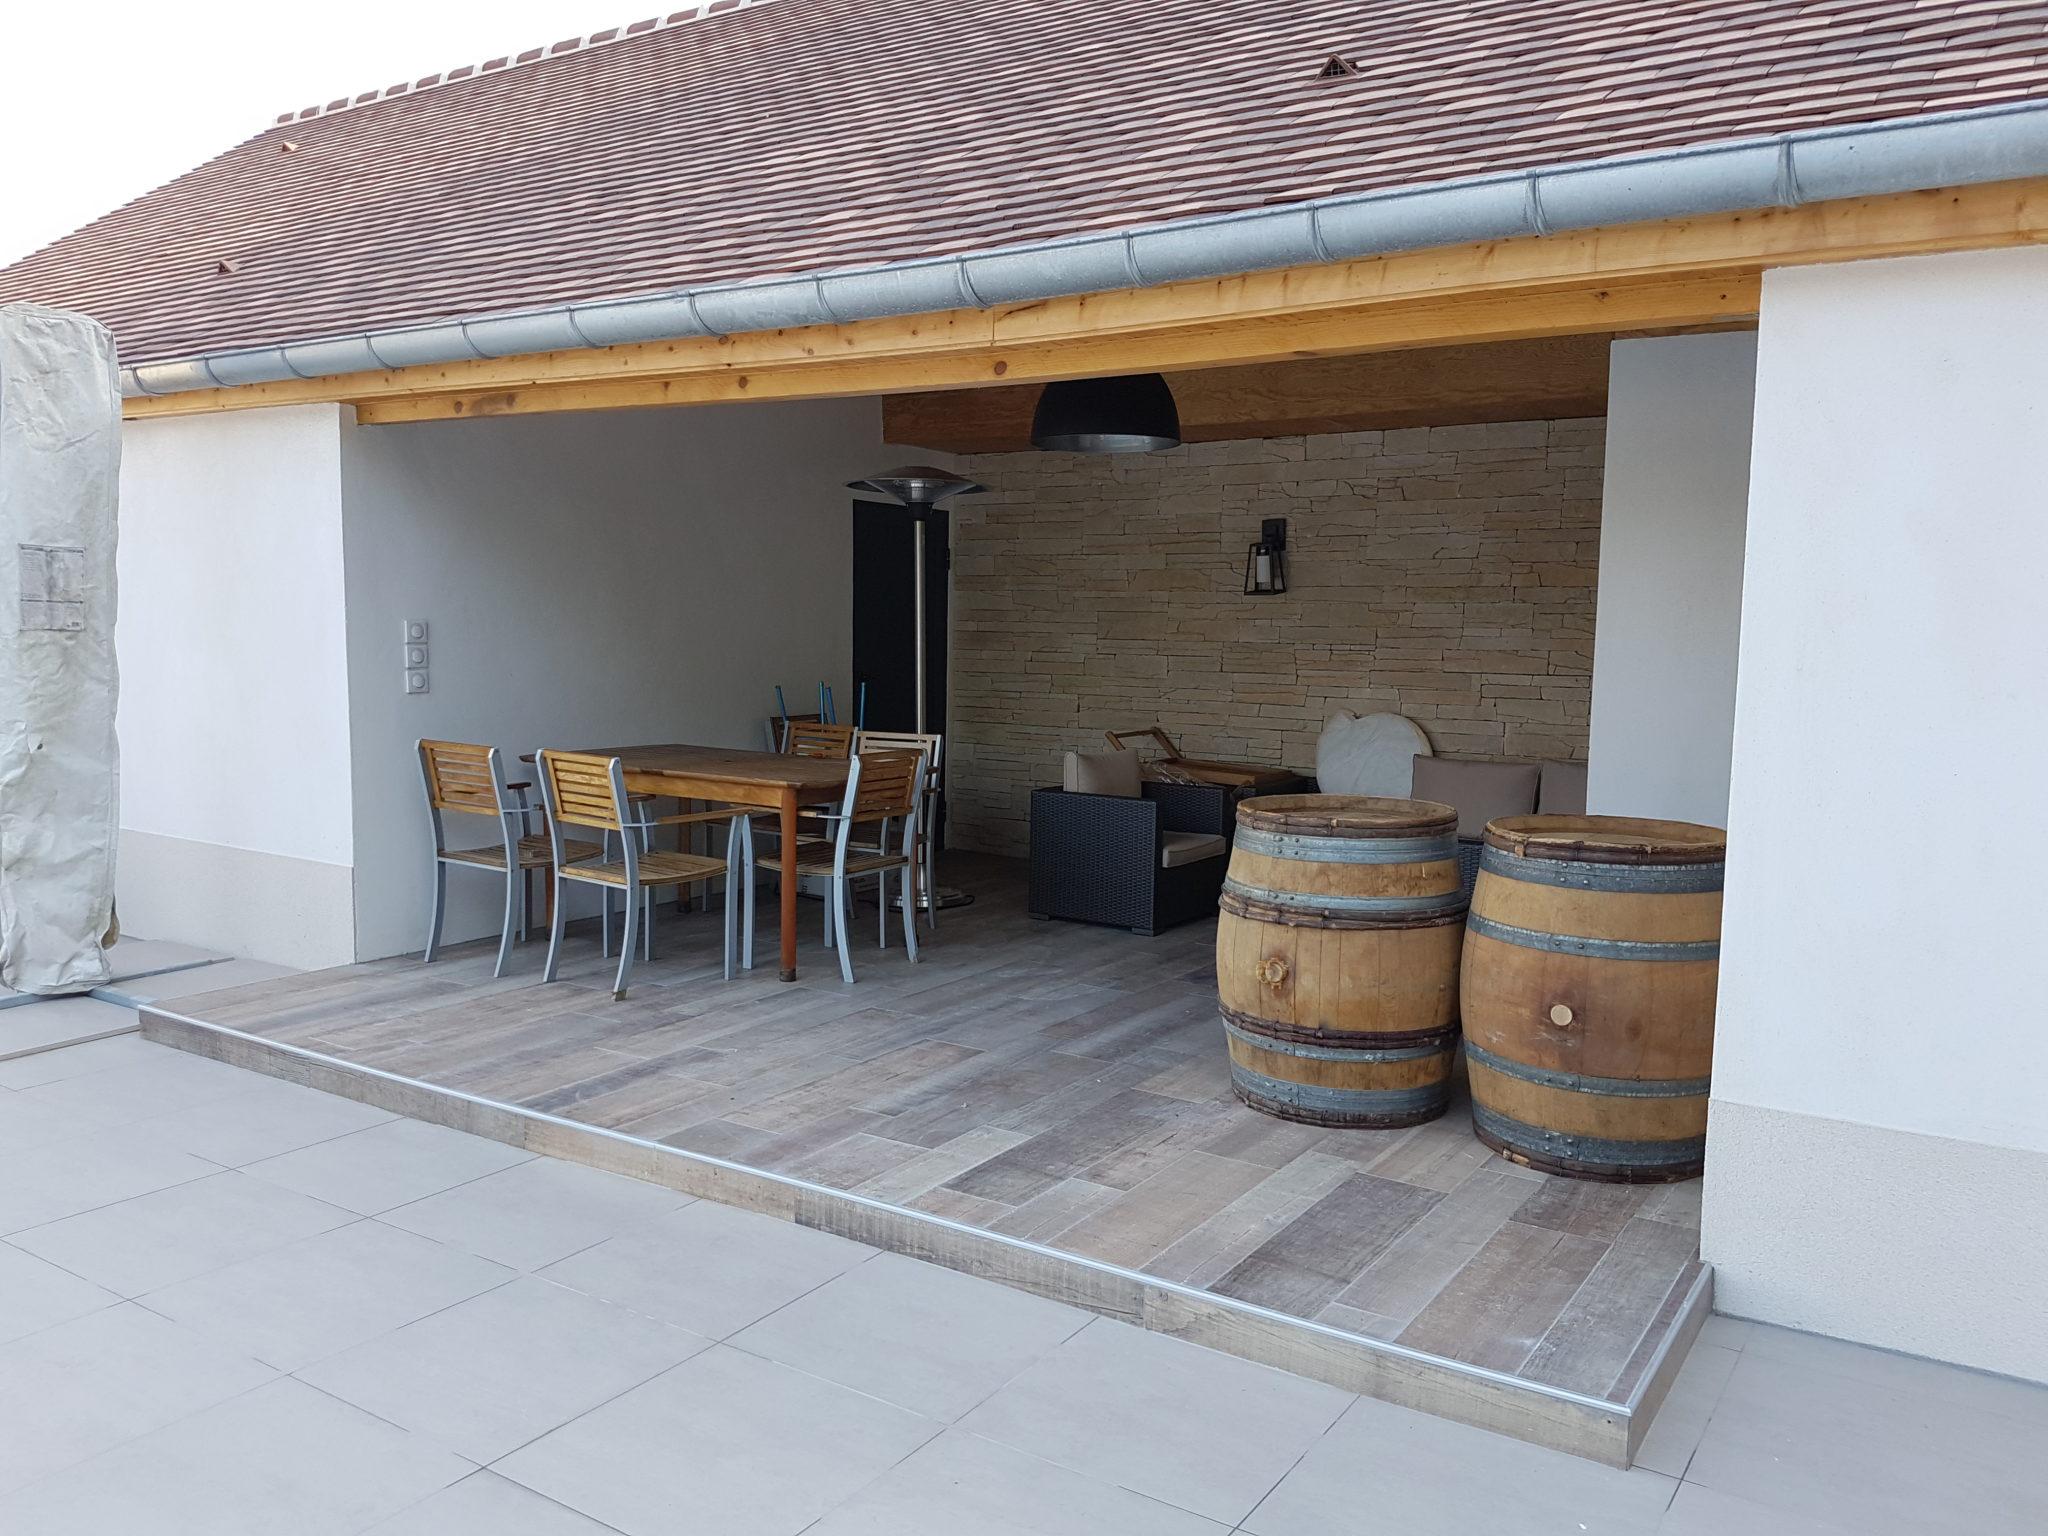 Photo de l'aménagement extérieur avec une cuisine d'été pour une maison moderne et contemporaine